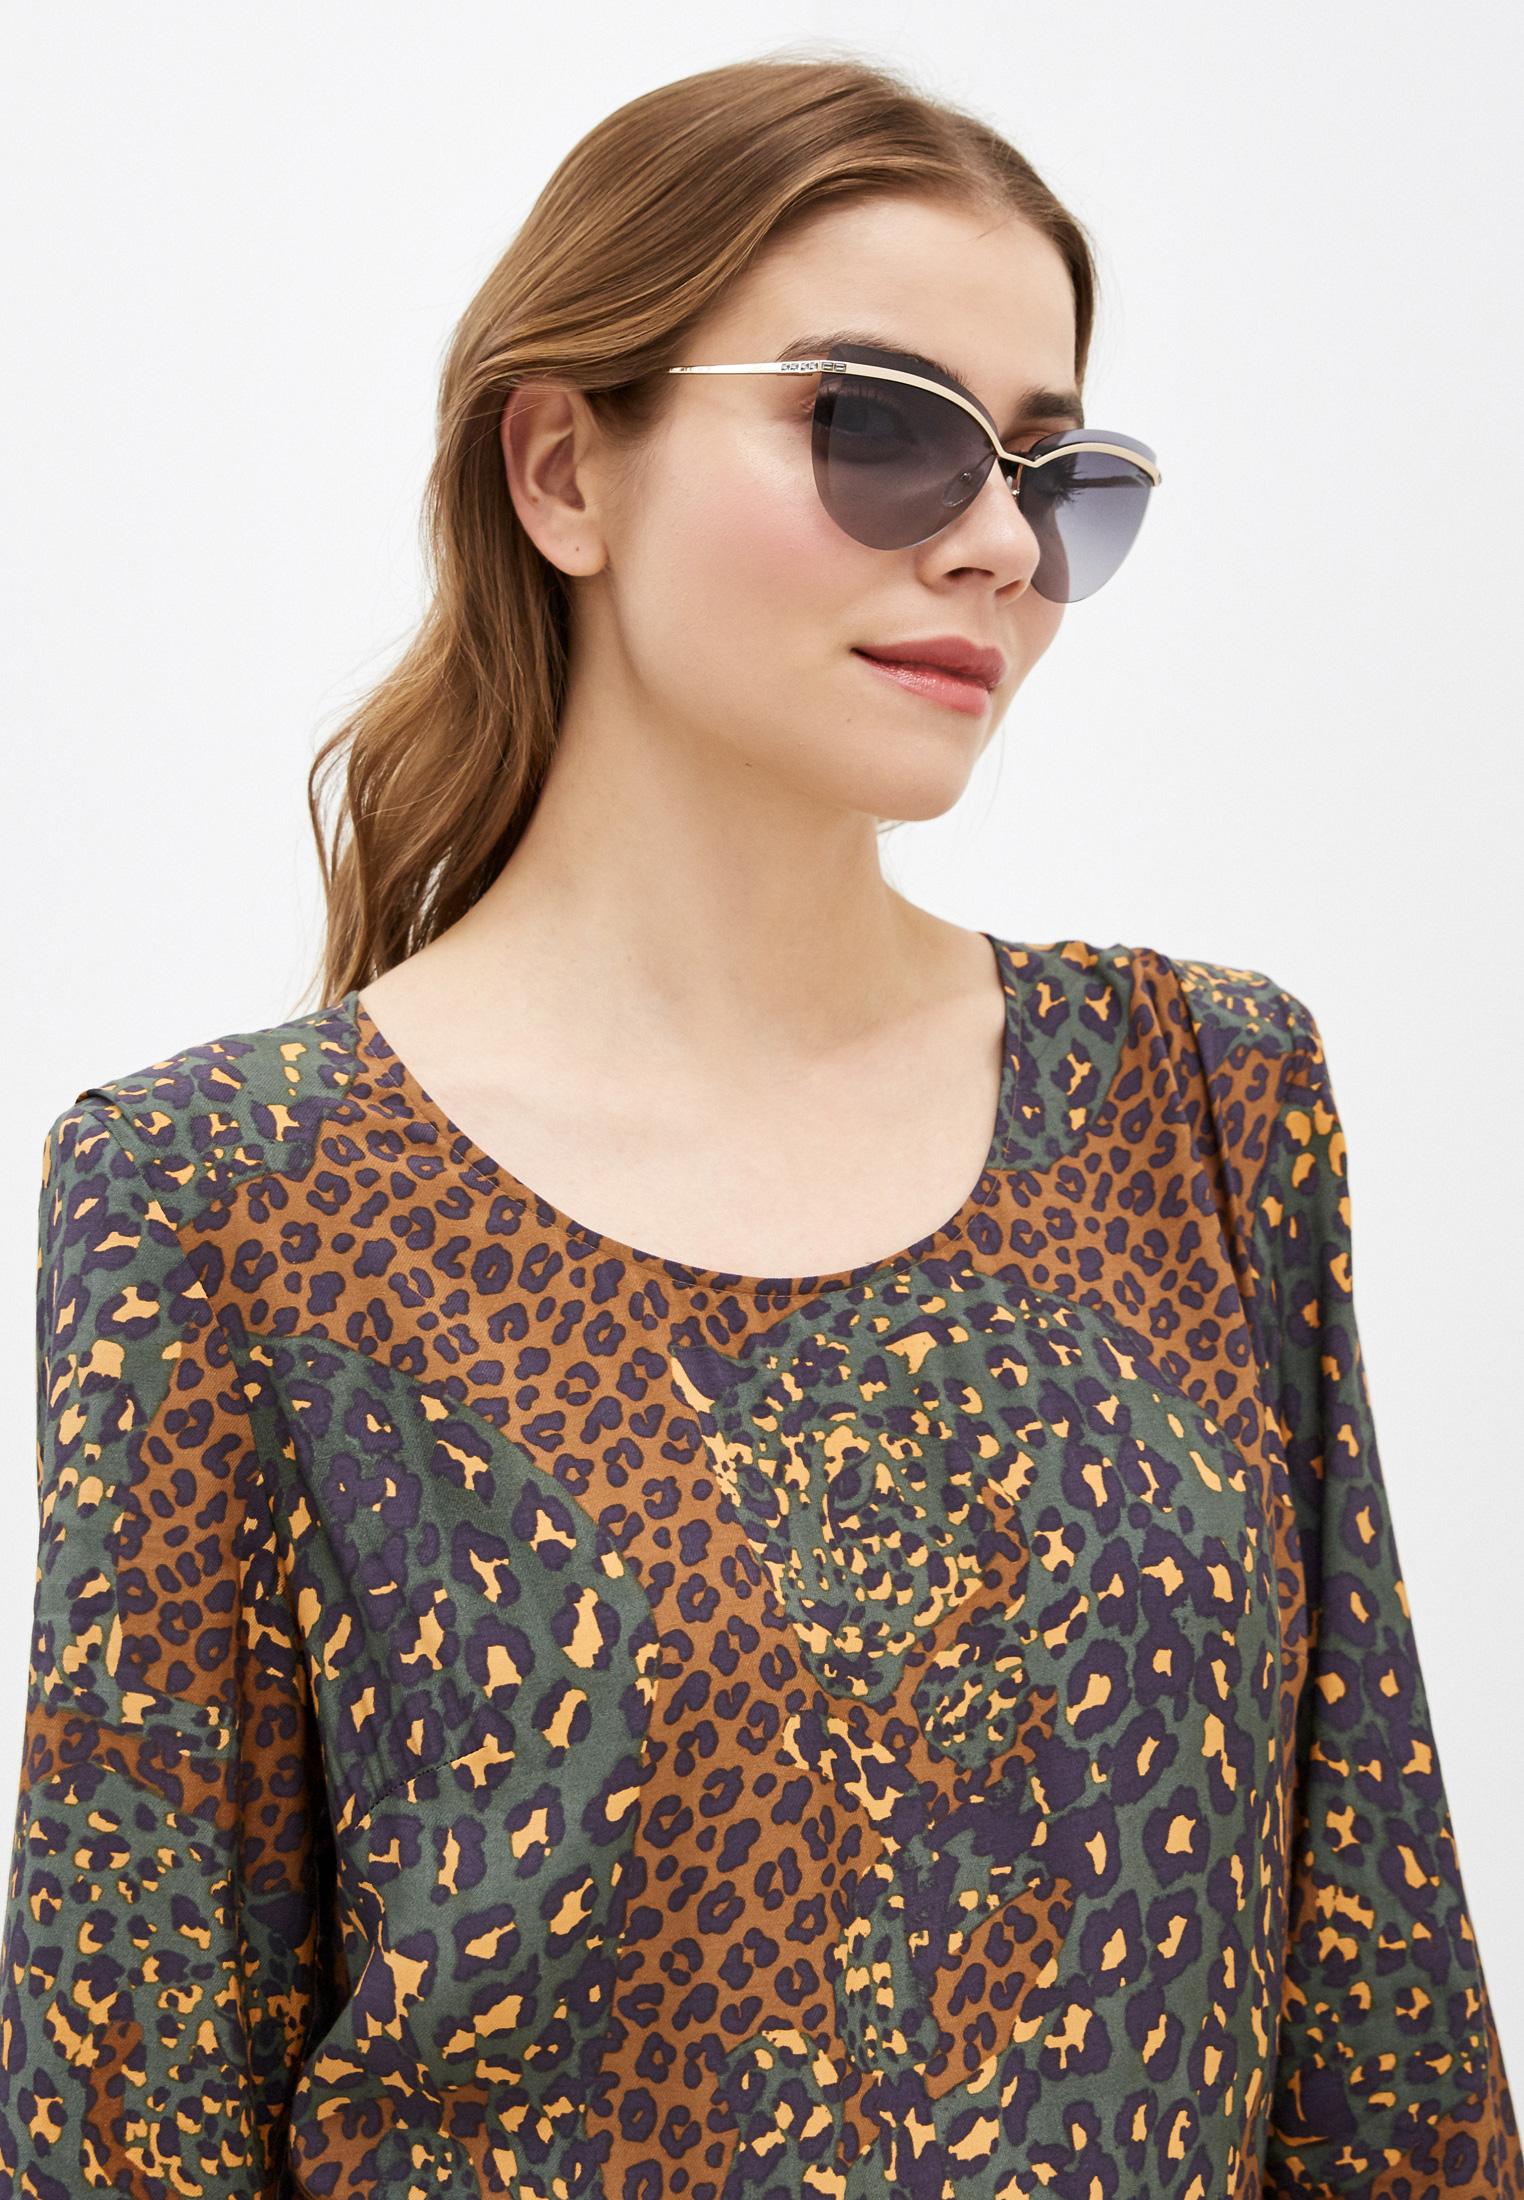 Женские солнцезащитные очки Blumarine Blumarine-140S-300